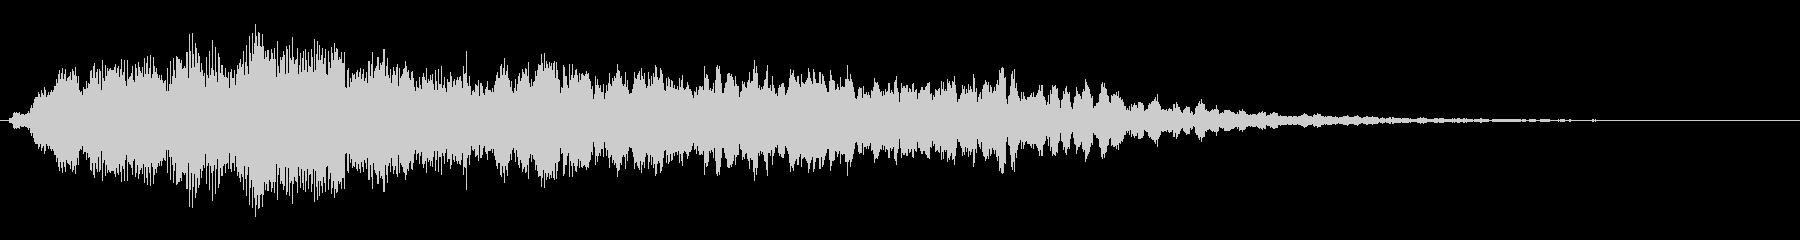 ソフトシンセパッドとチャイムスイープの未再生の波形